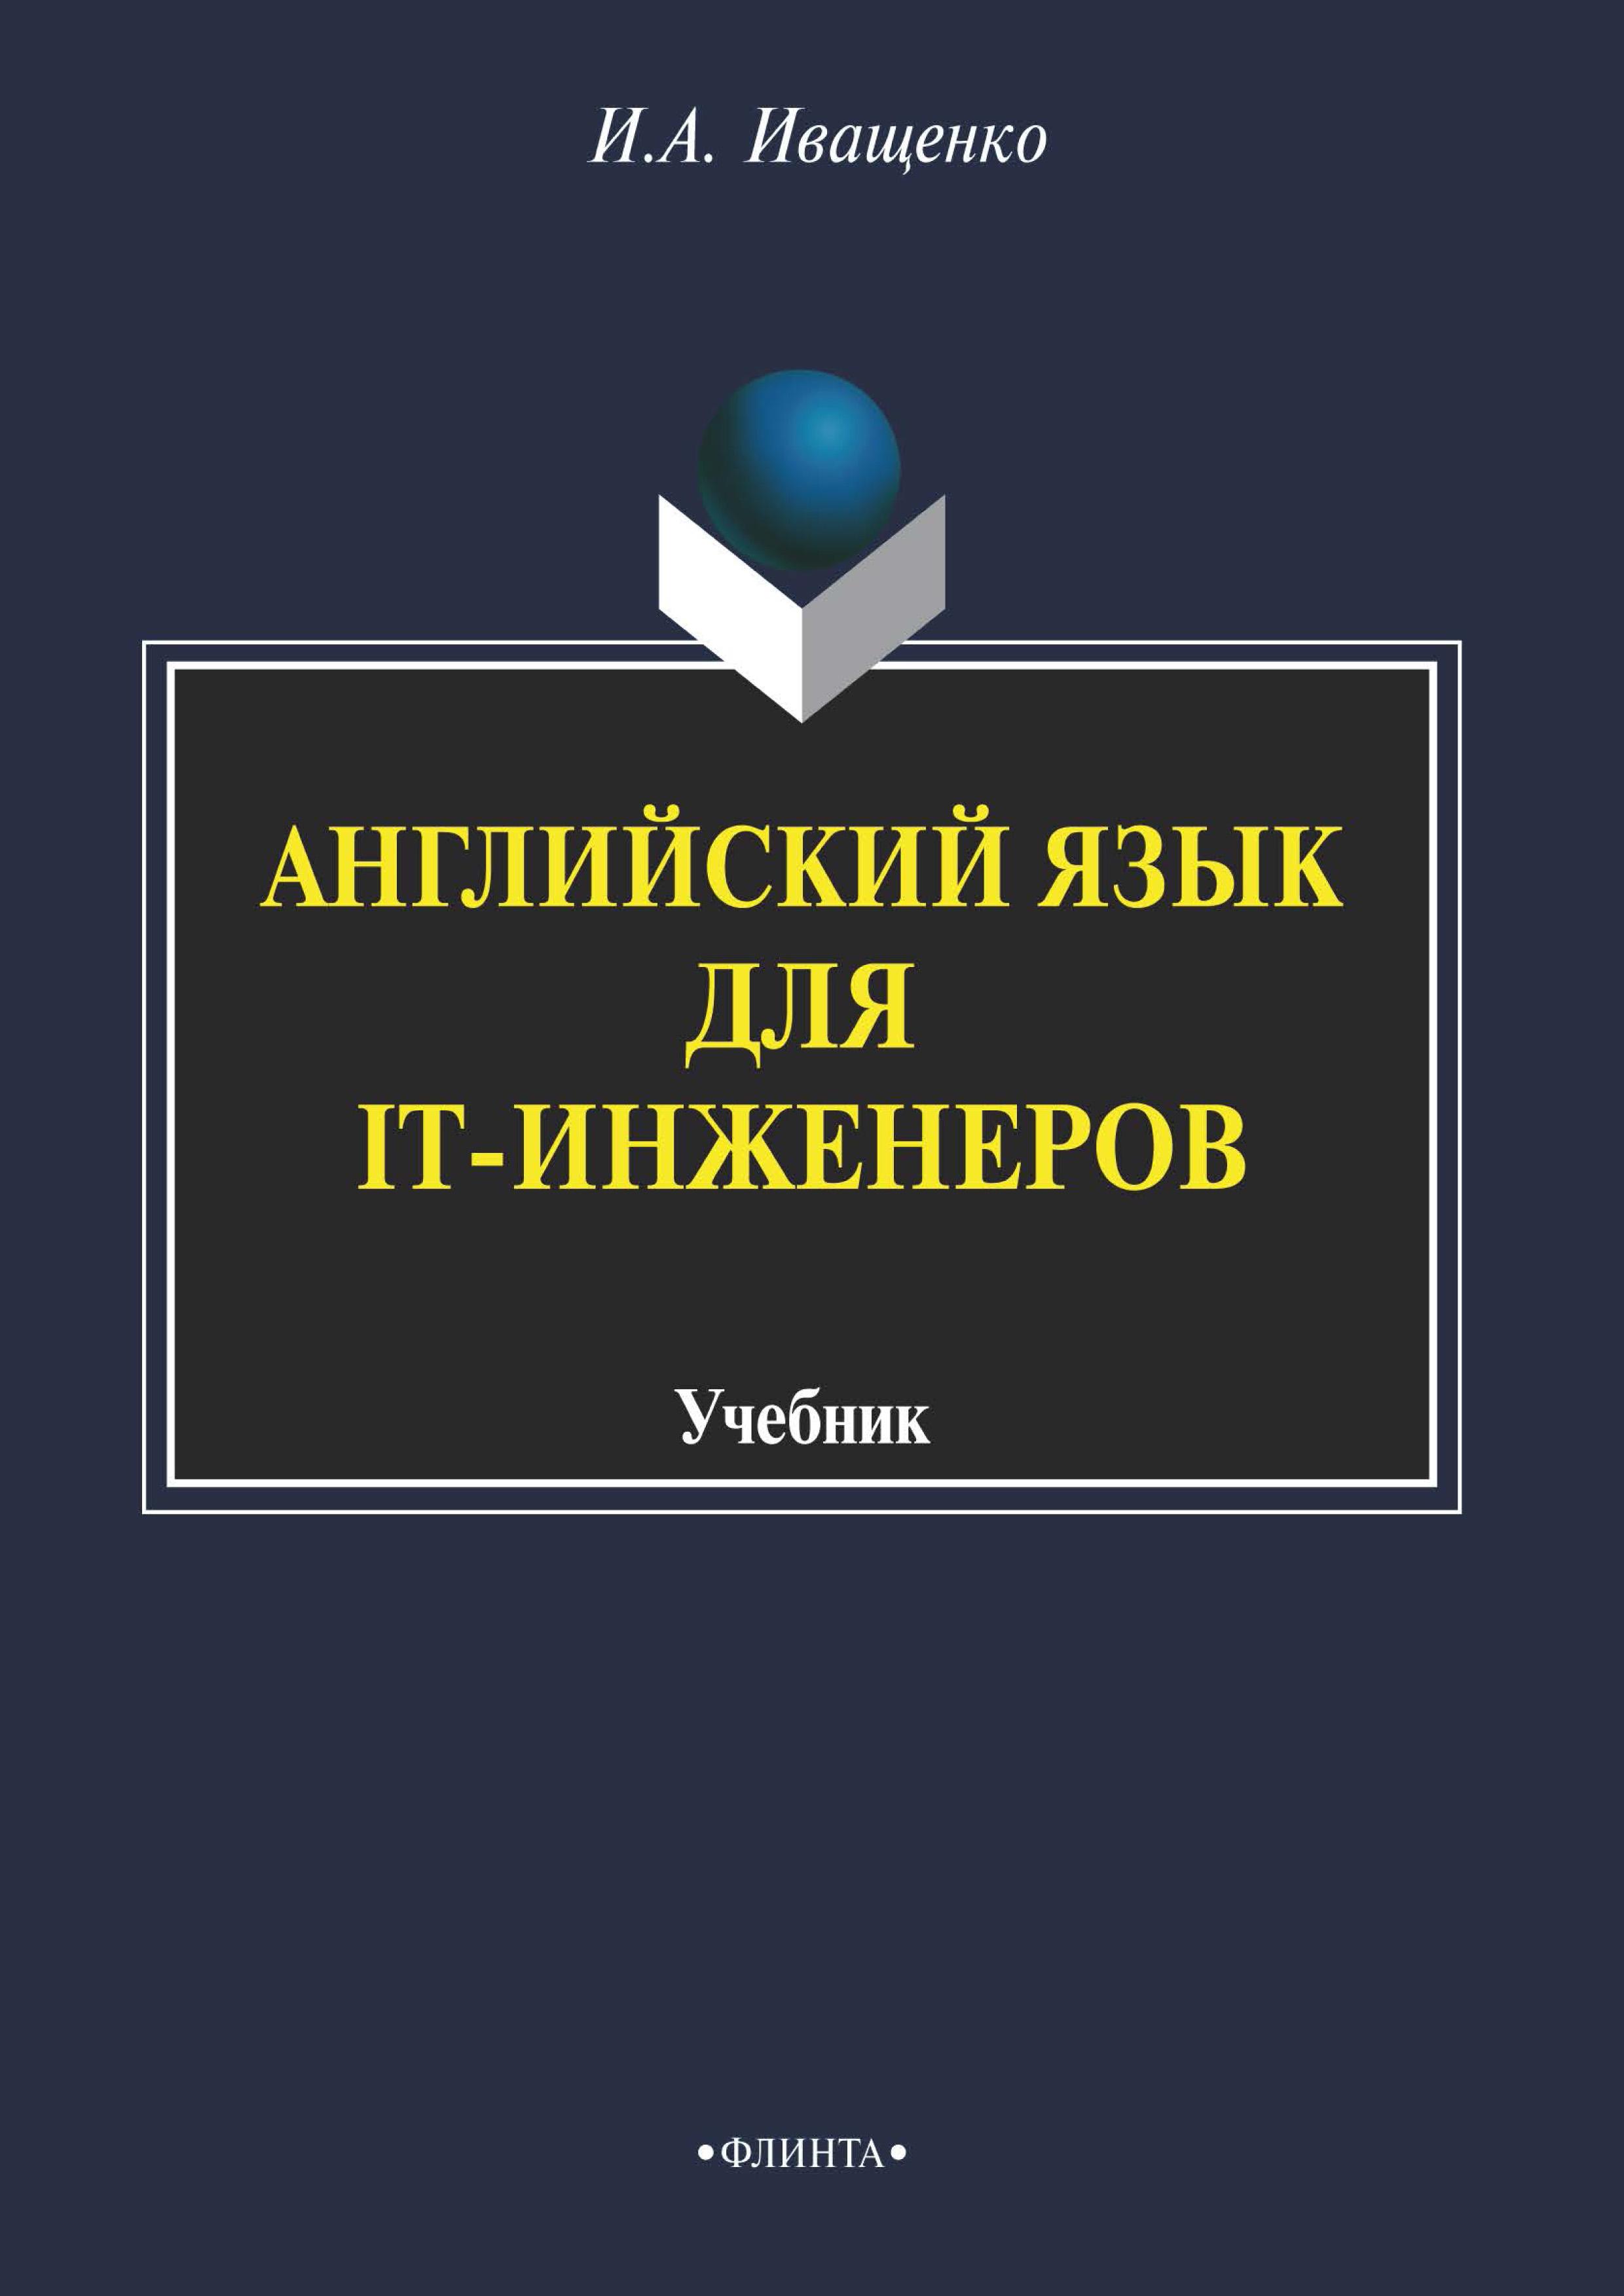 И. А. Иващенко Английский язык для IT-инженеров. Учебник брюки милитари mc mc zzg ix7